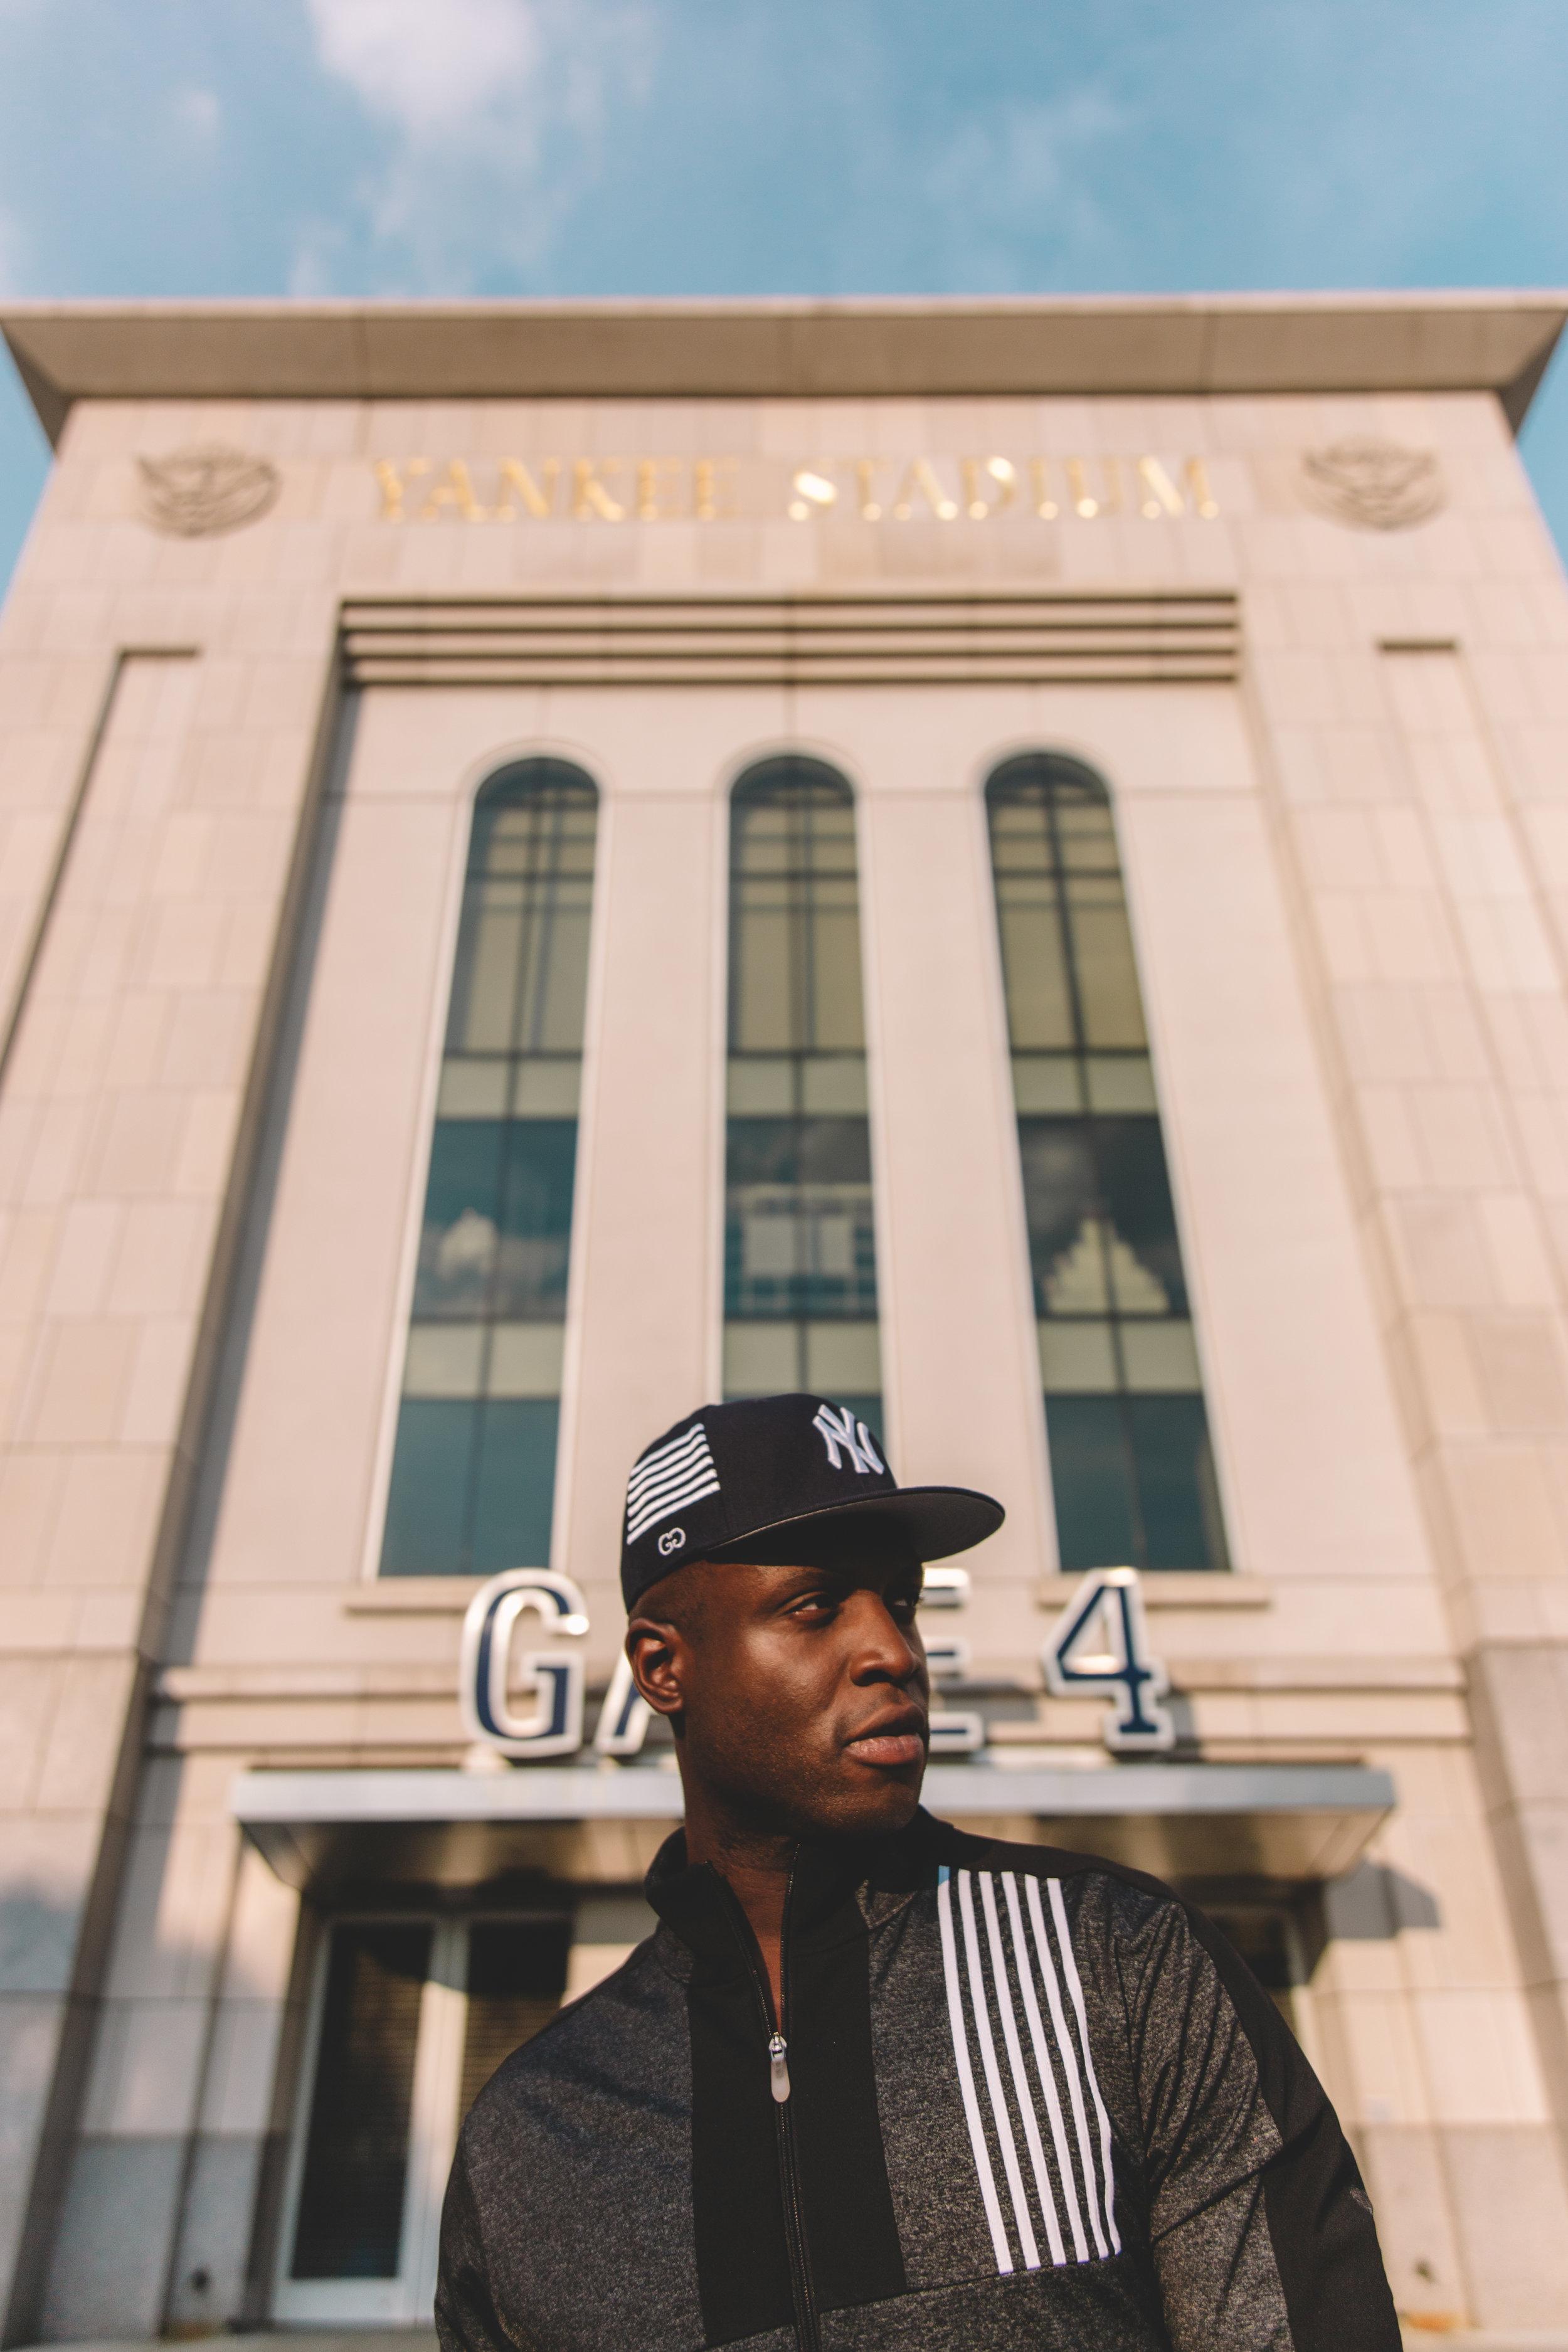 GG+Yankee Stadium10.jpg